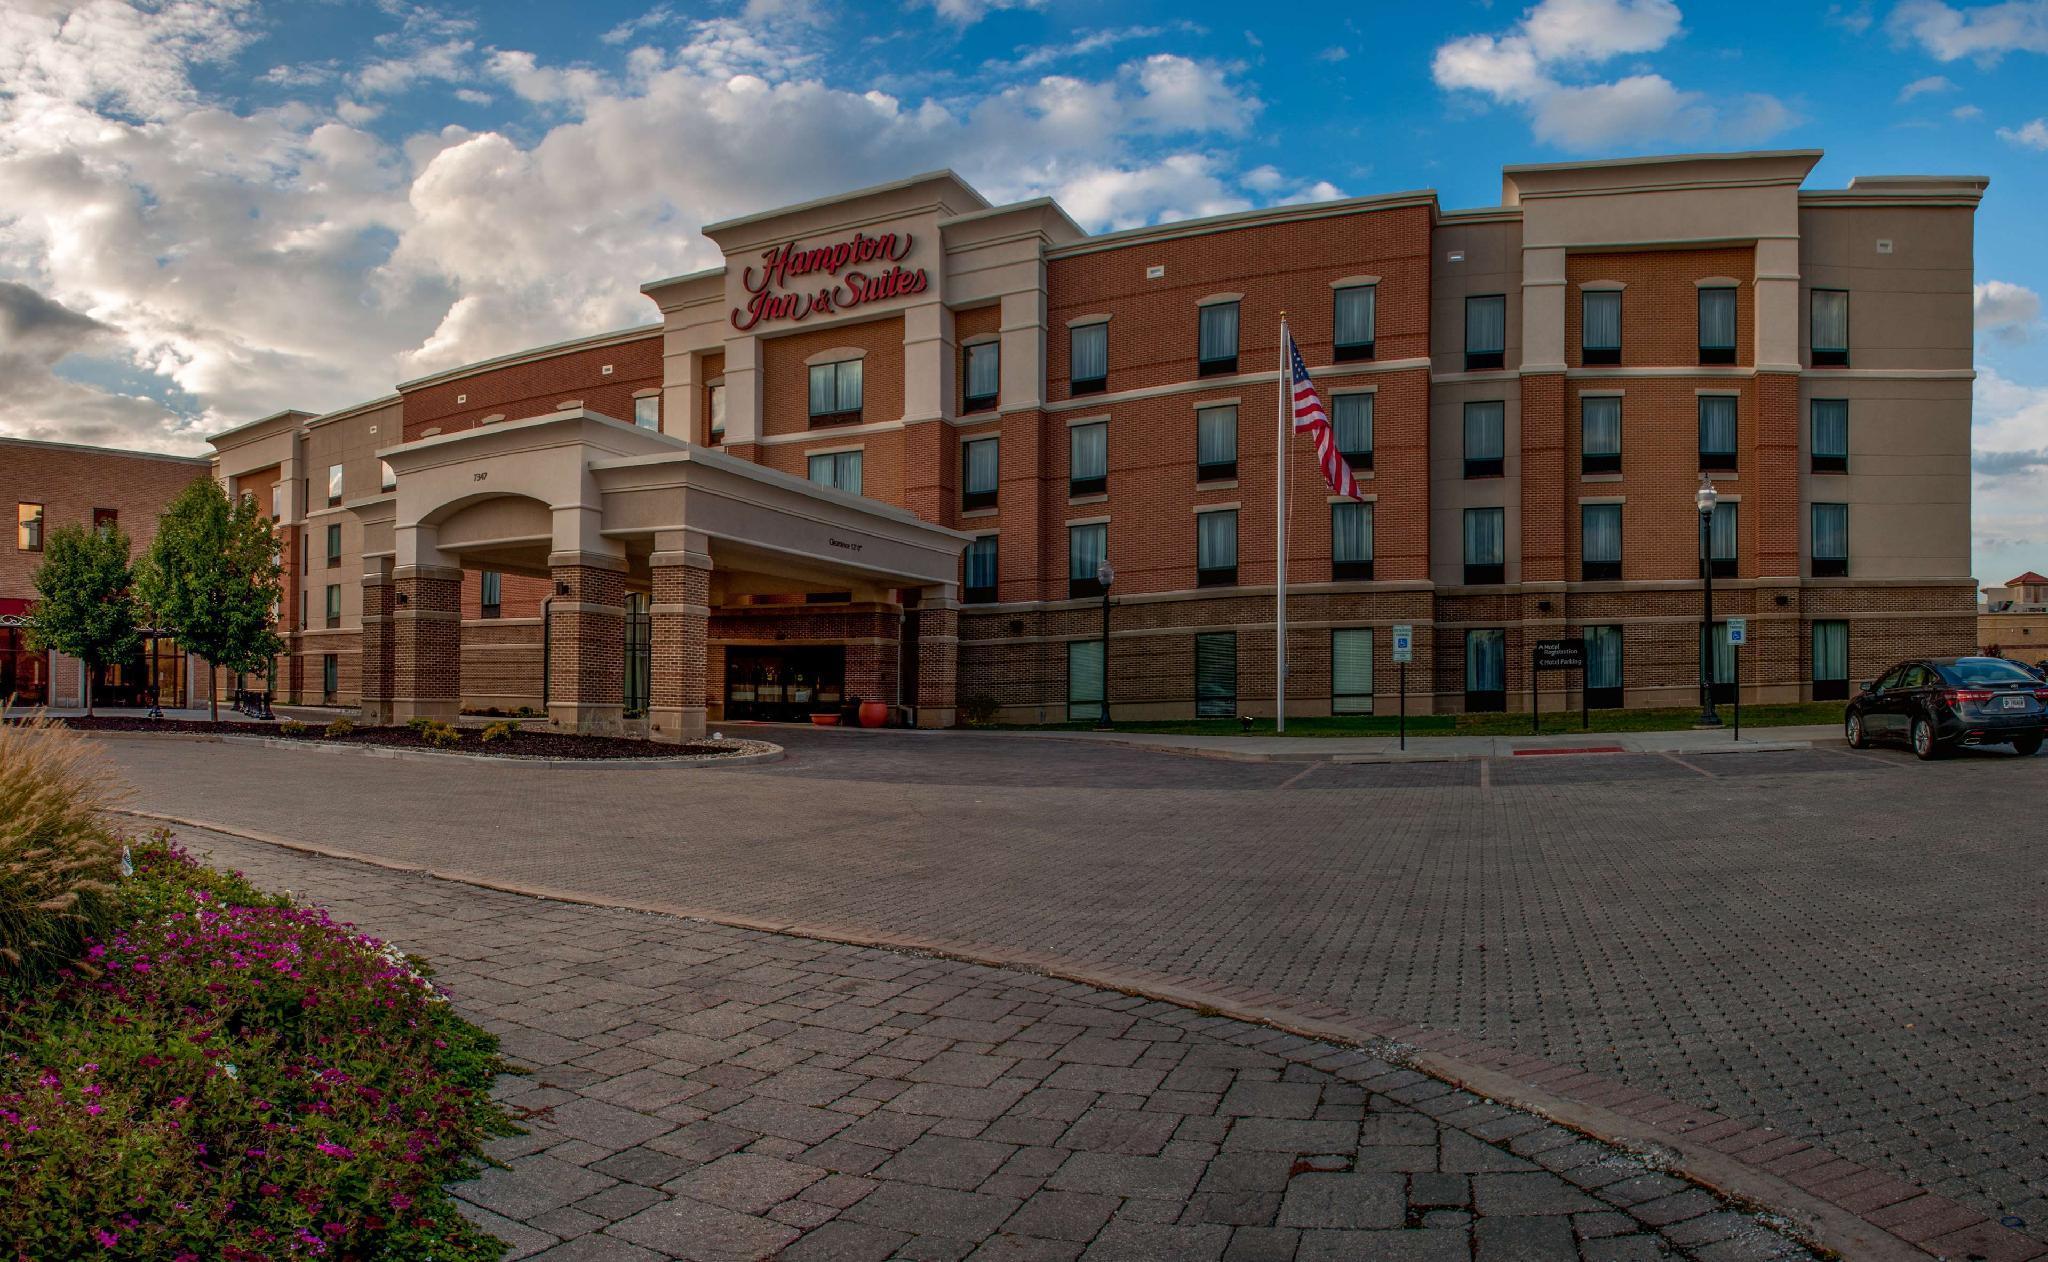 Hampton Inn And Suites Mishawaka